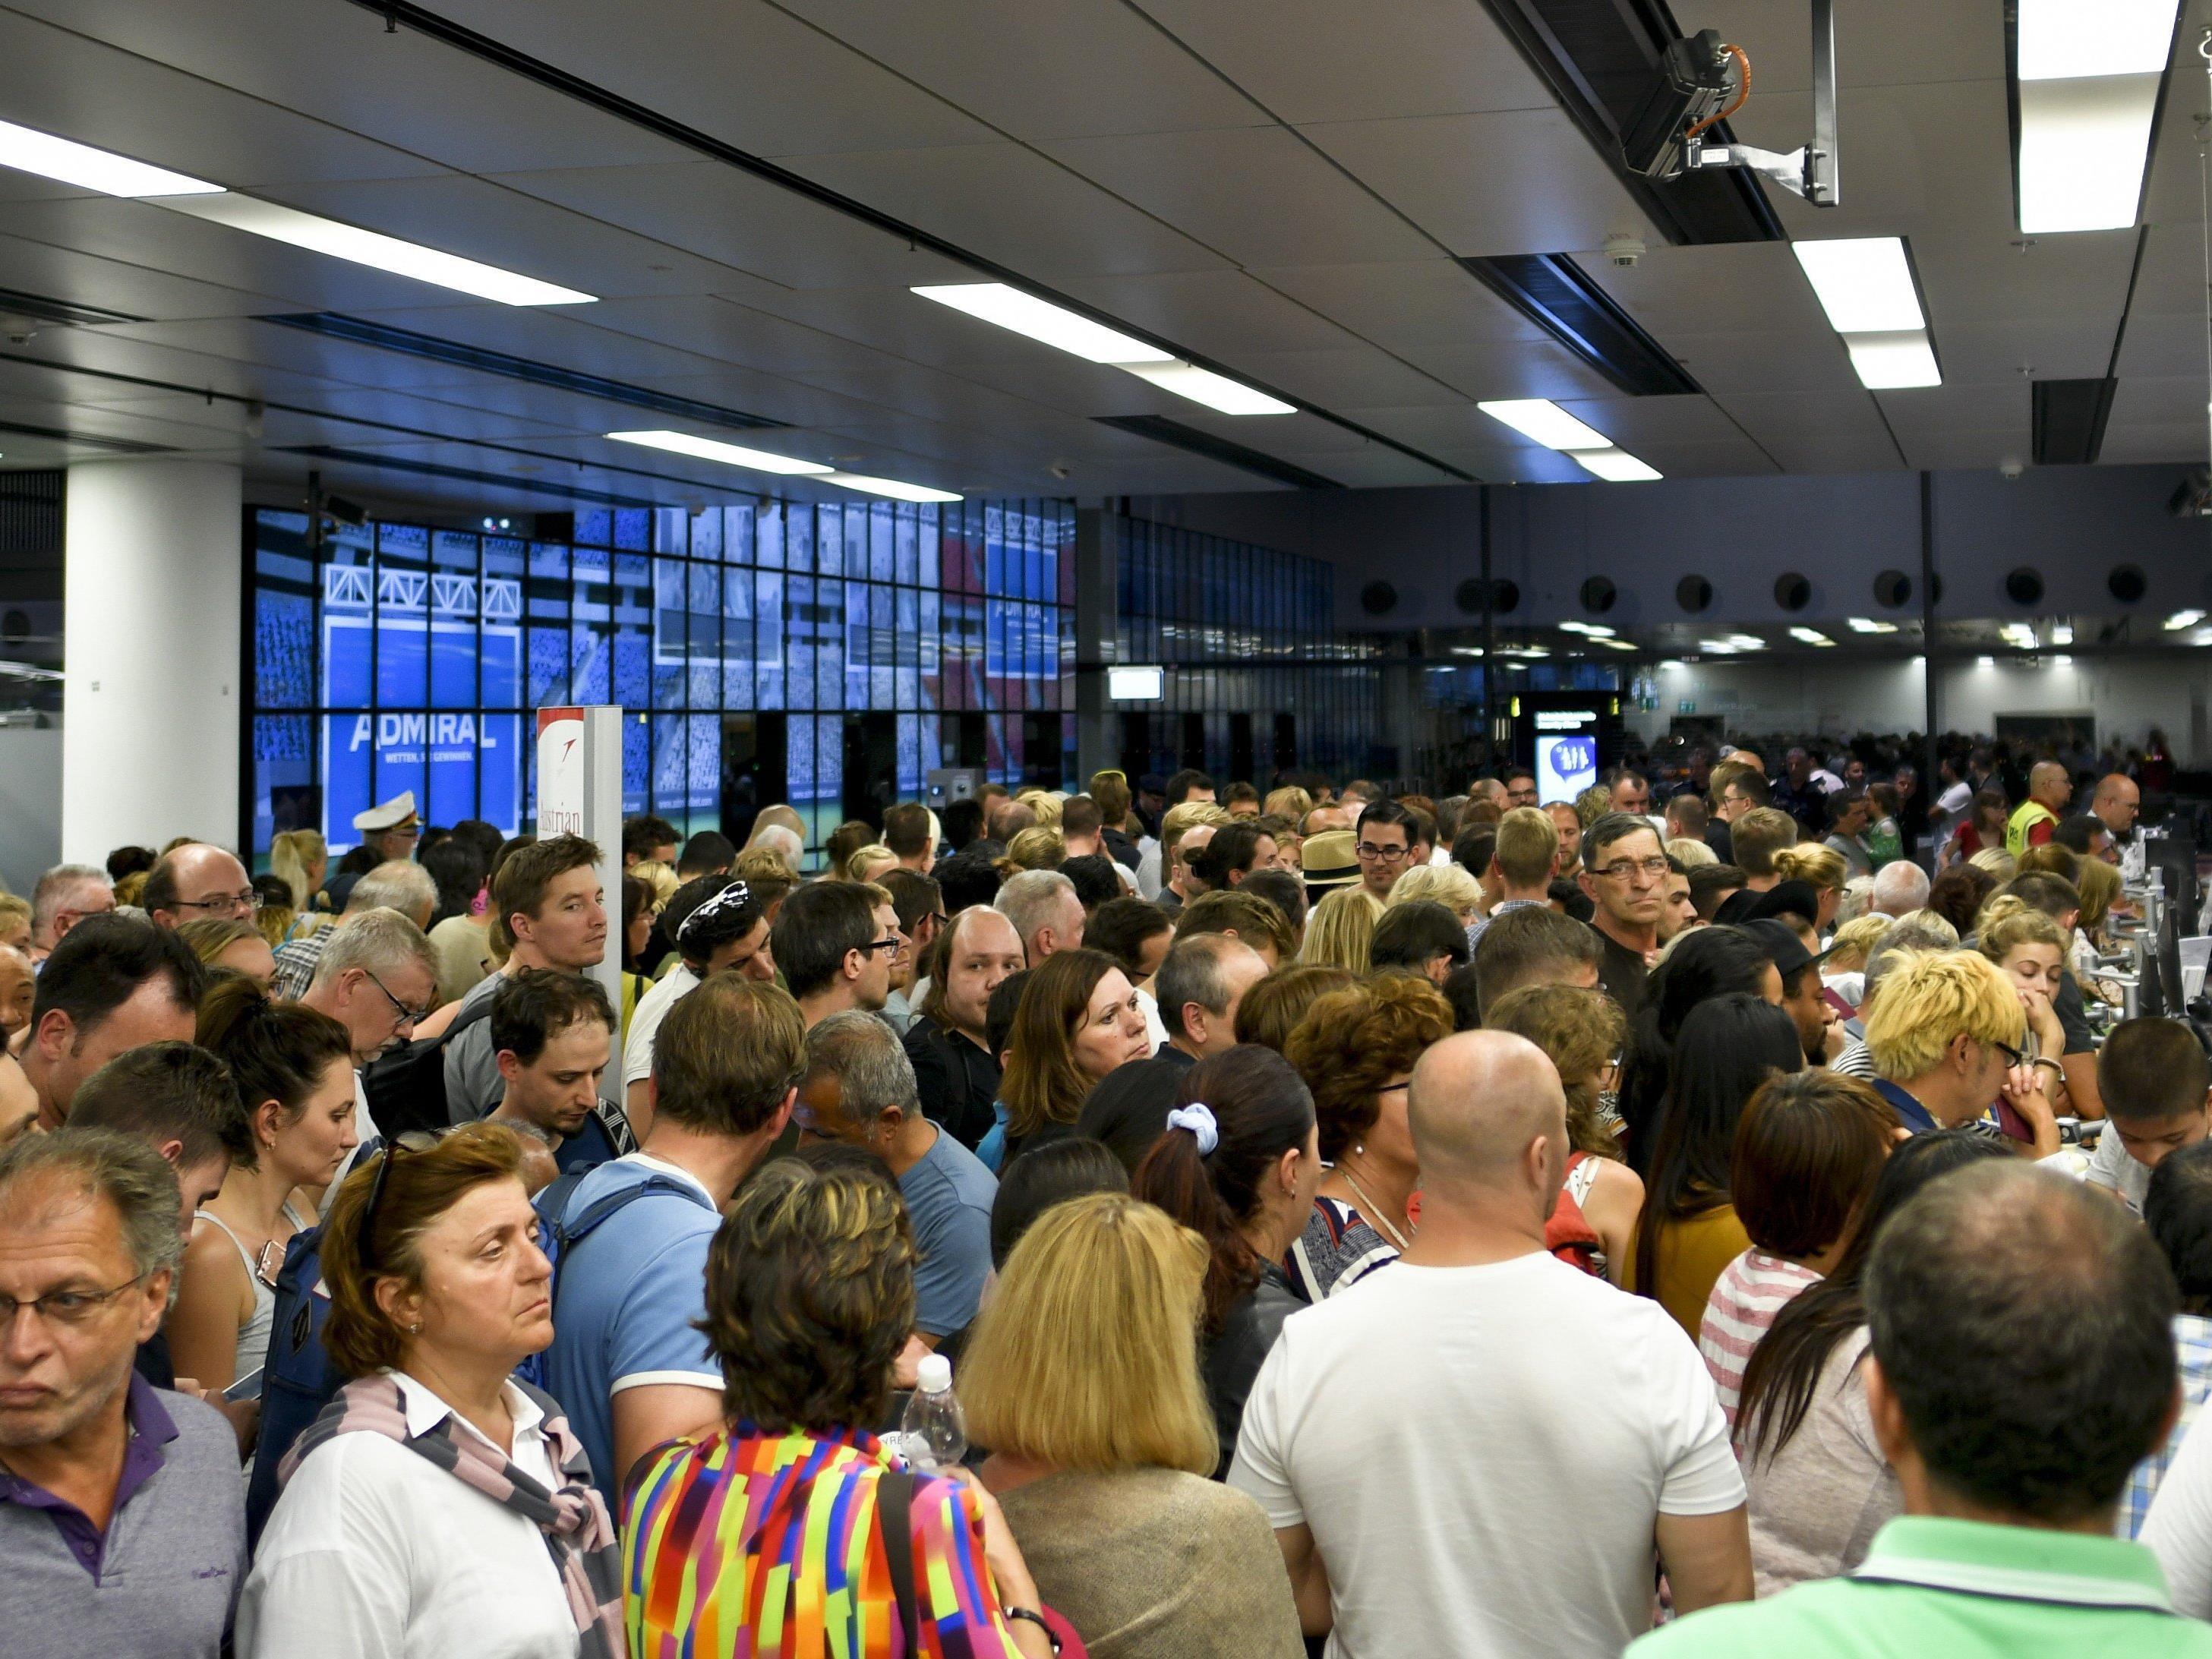 Am Sonntag fielen in Wien Dutzende Flüge aus.